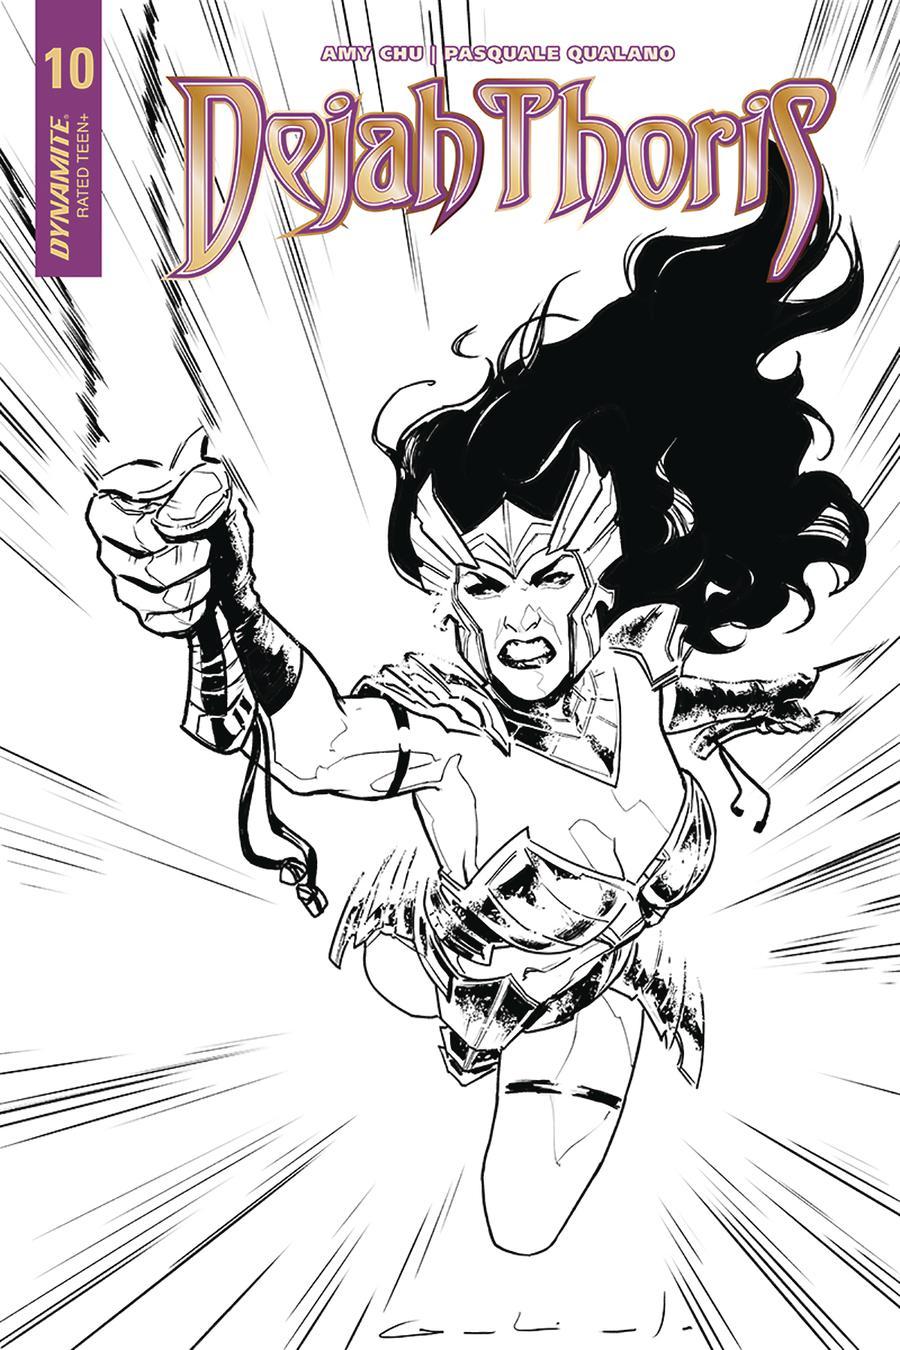 Dejah Thoris Vol 2 #10 Cover D Incentive Diego Galindo Black & White Cover